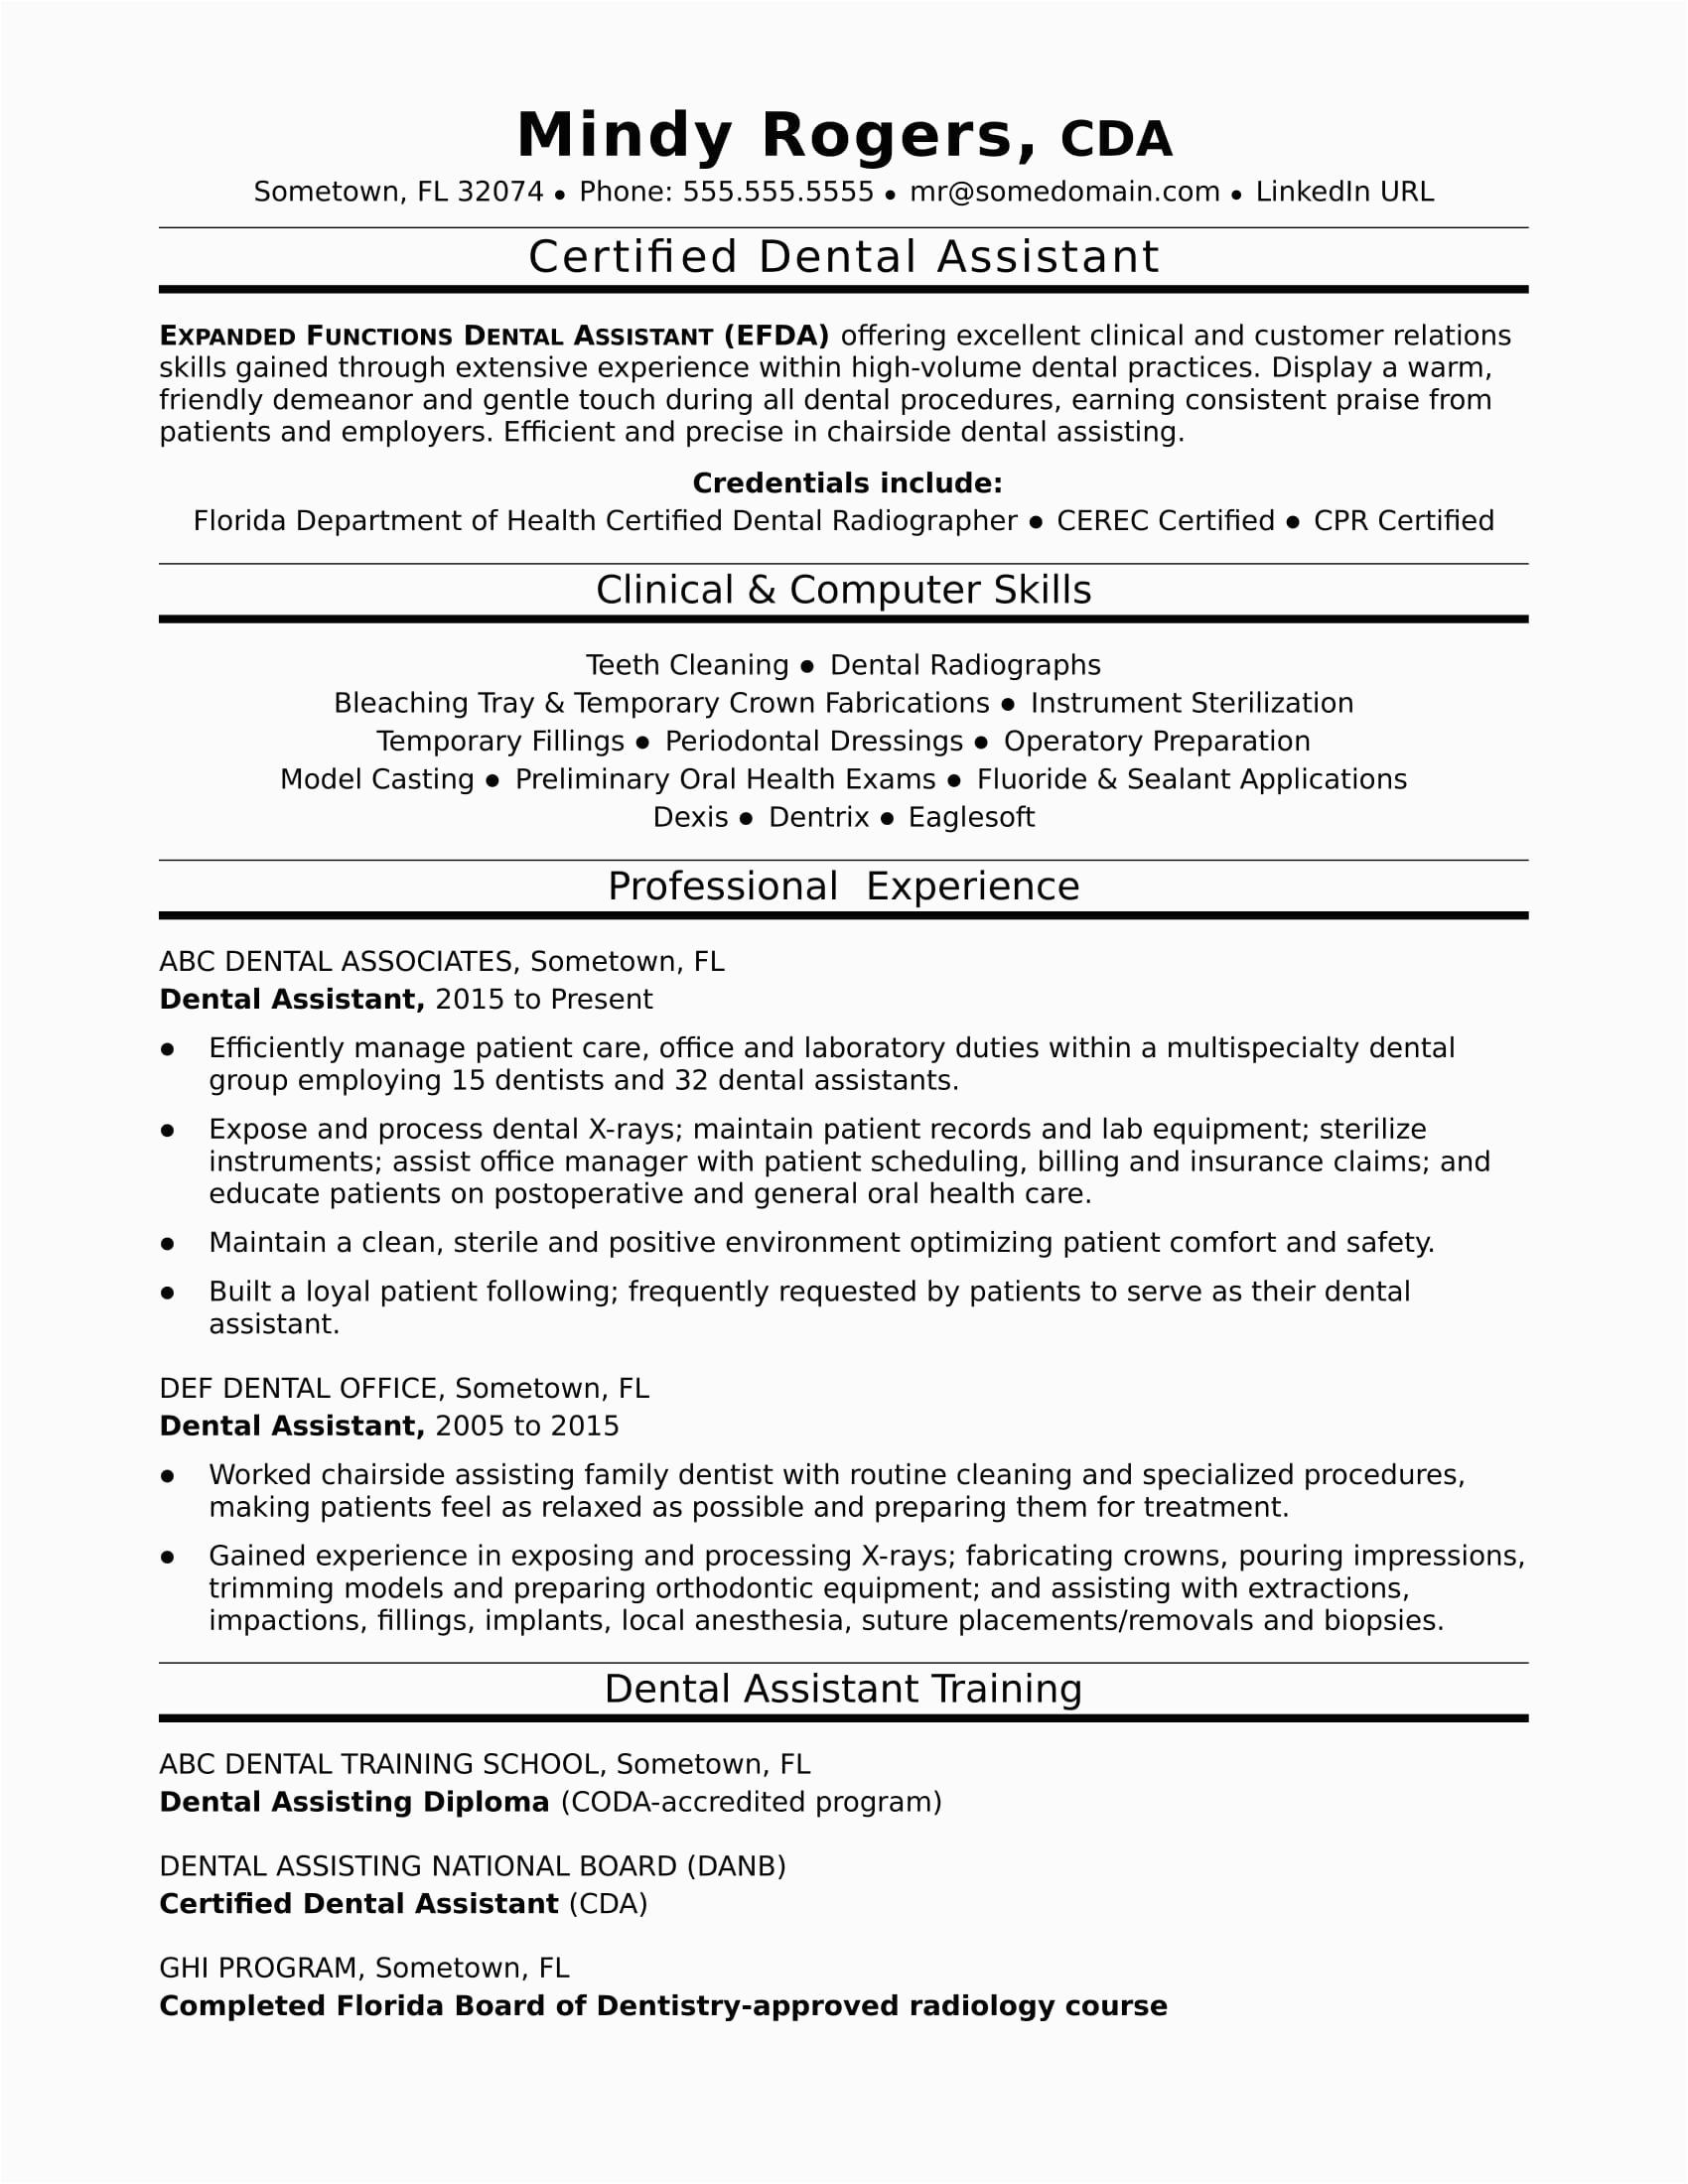 sample resume dental assistant